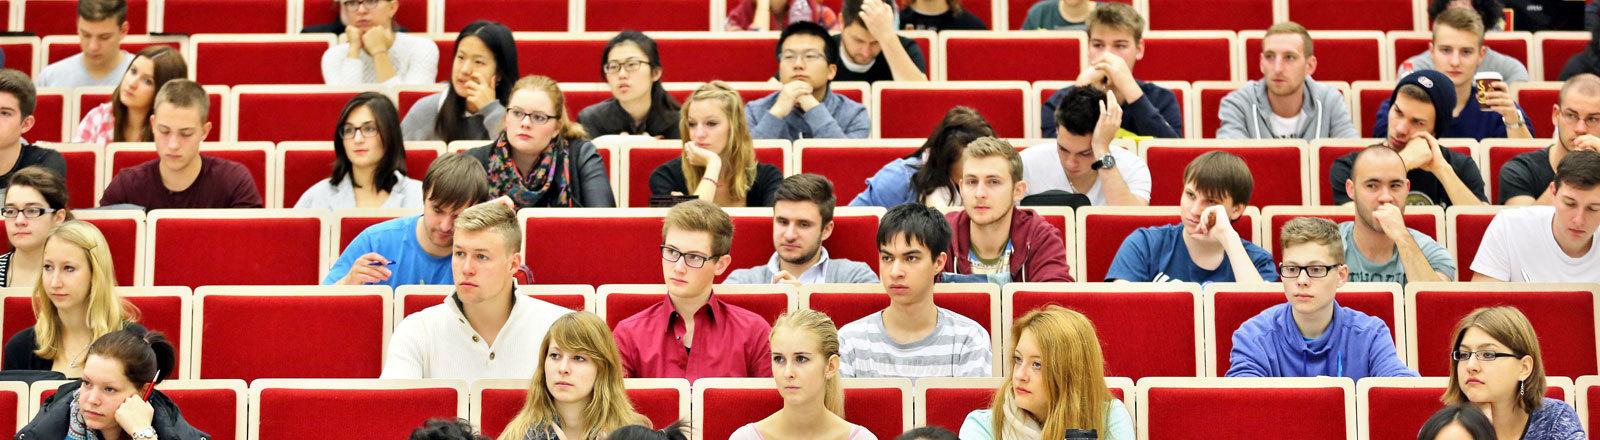 Studenten der Wirtschaftswissenschaften sitzen am 15.10.2014 in einer Vorlesung an der Universität Leipzig (Sachsen).